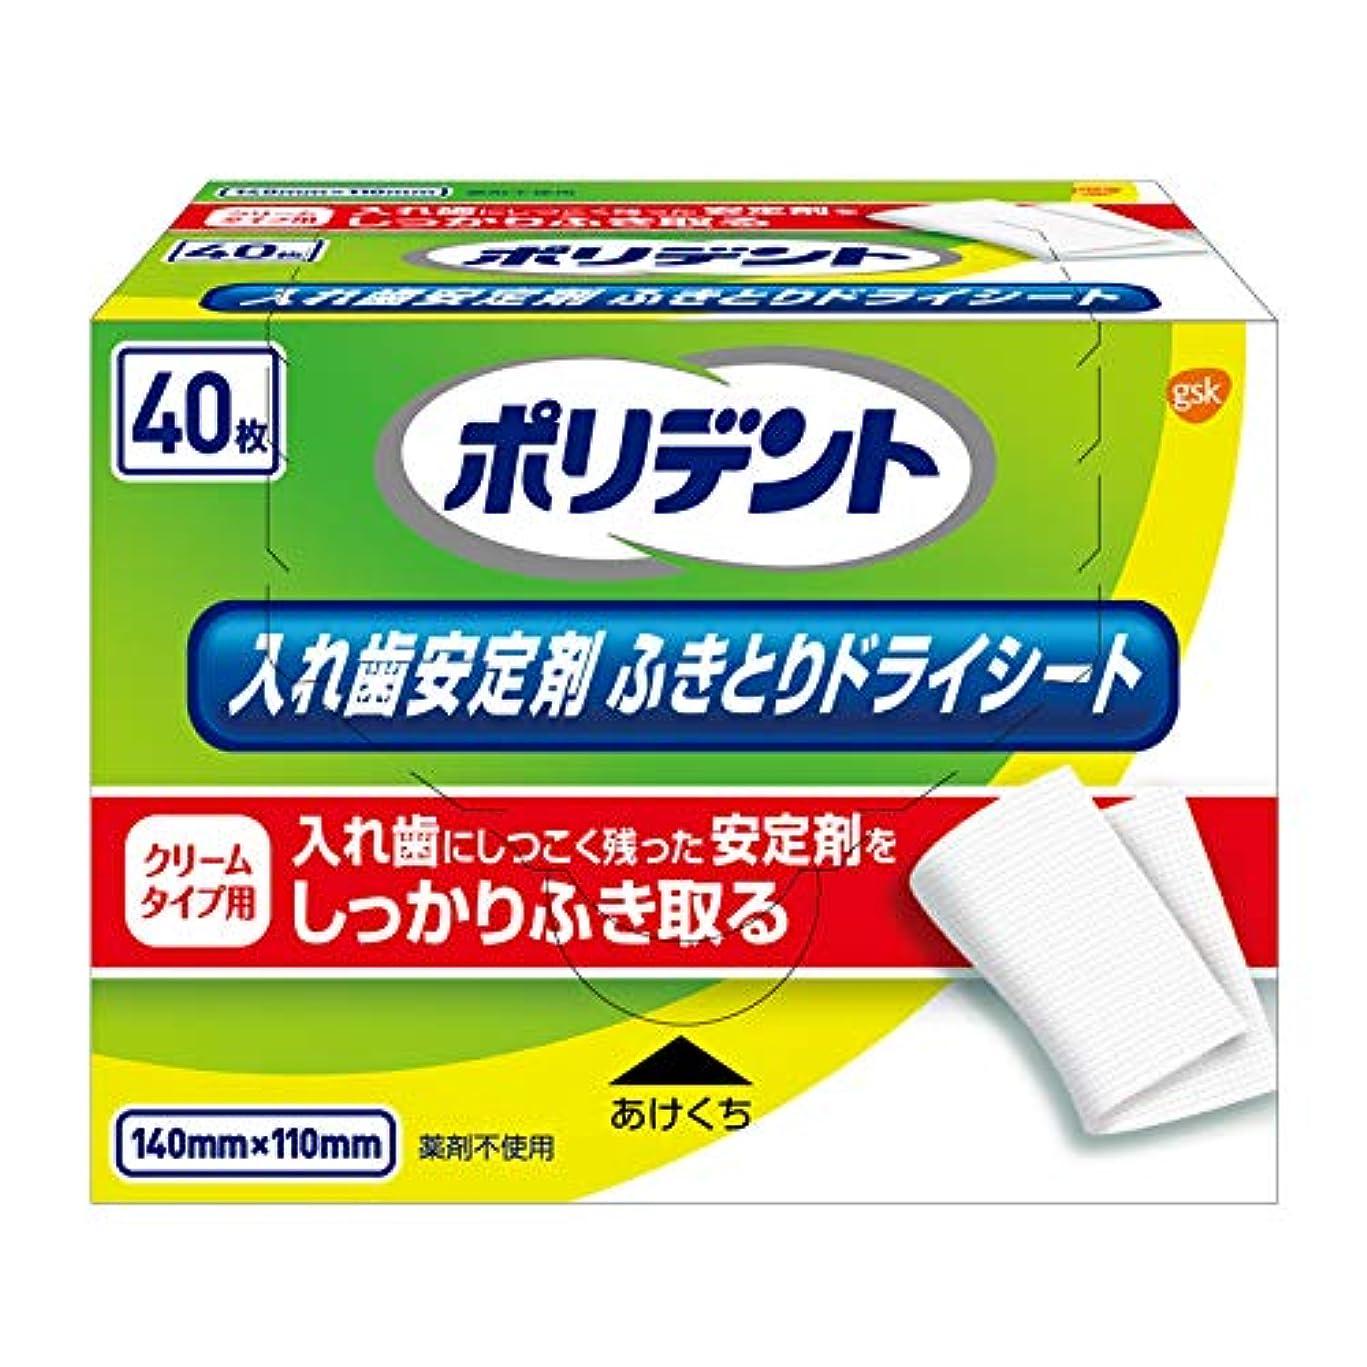 オゾン避けるファシズムポリデント 入れ歯安定剤ふきとりドライシート 40枚